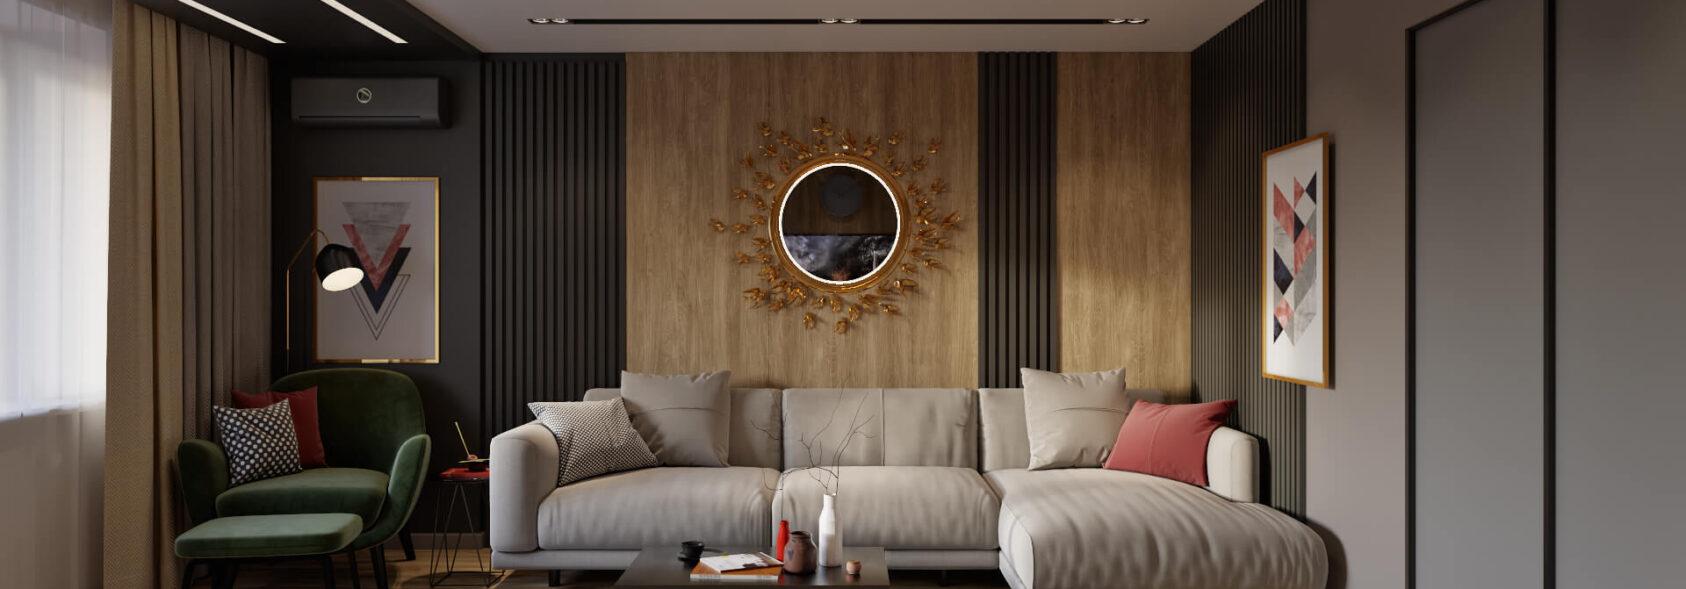 Дизайн гостиной в 3х комнатной квартире Днепр